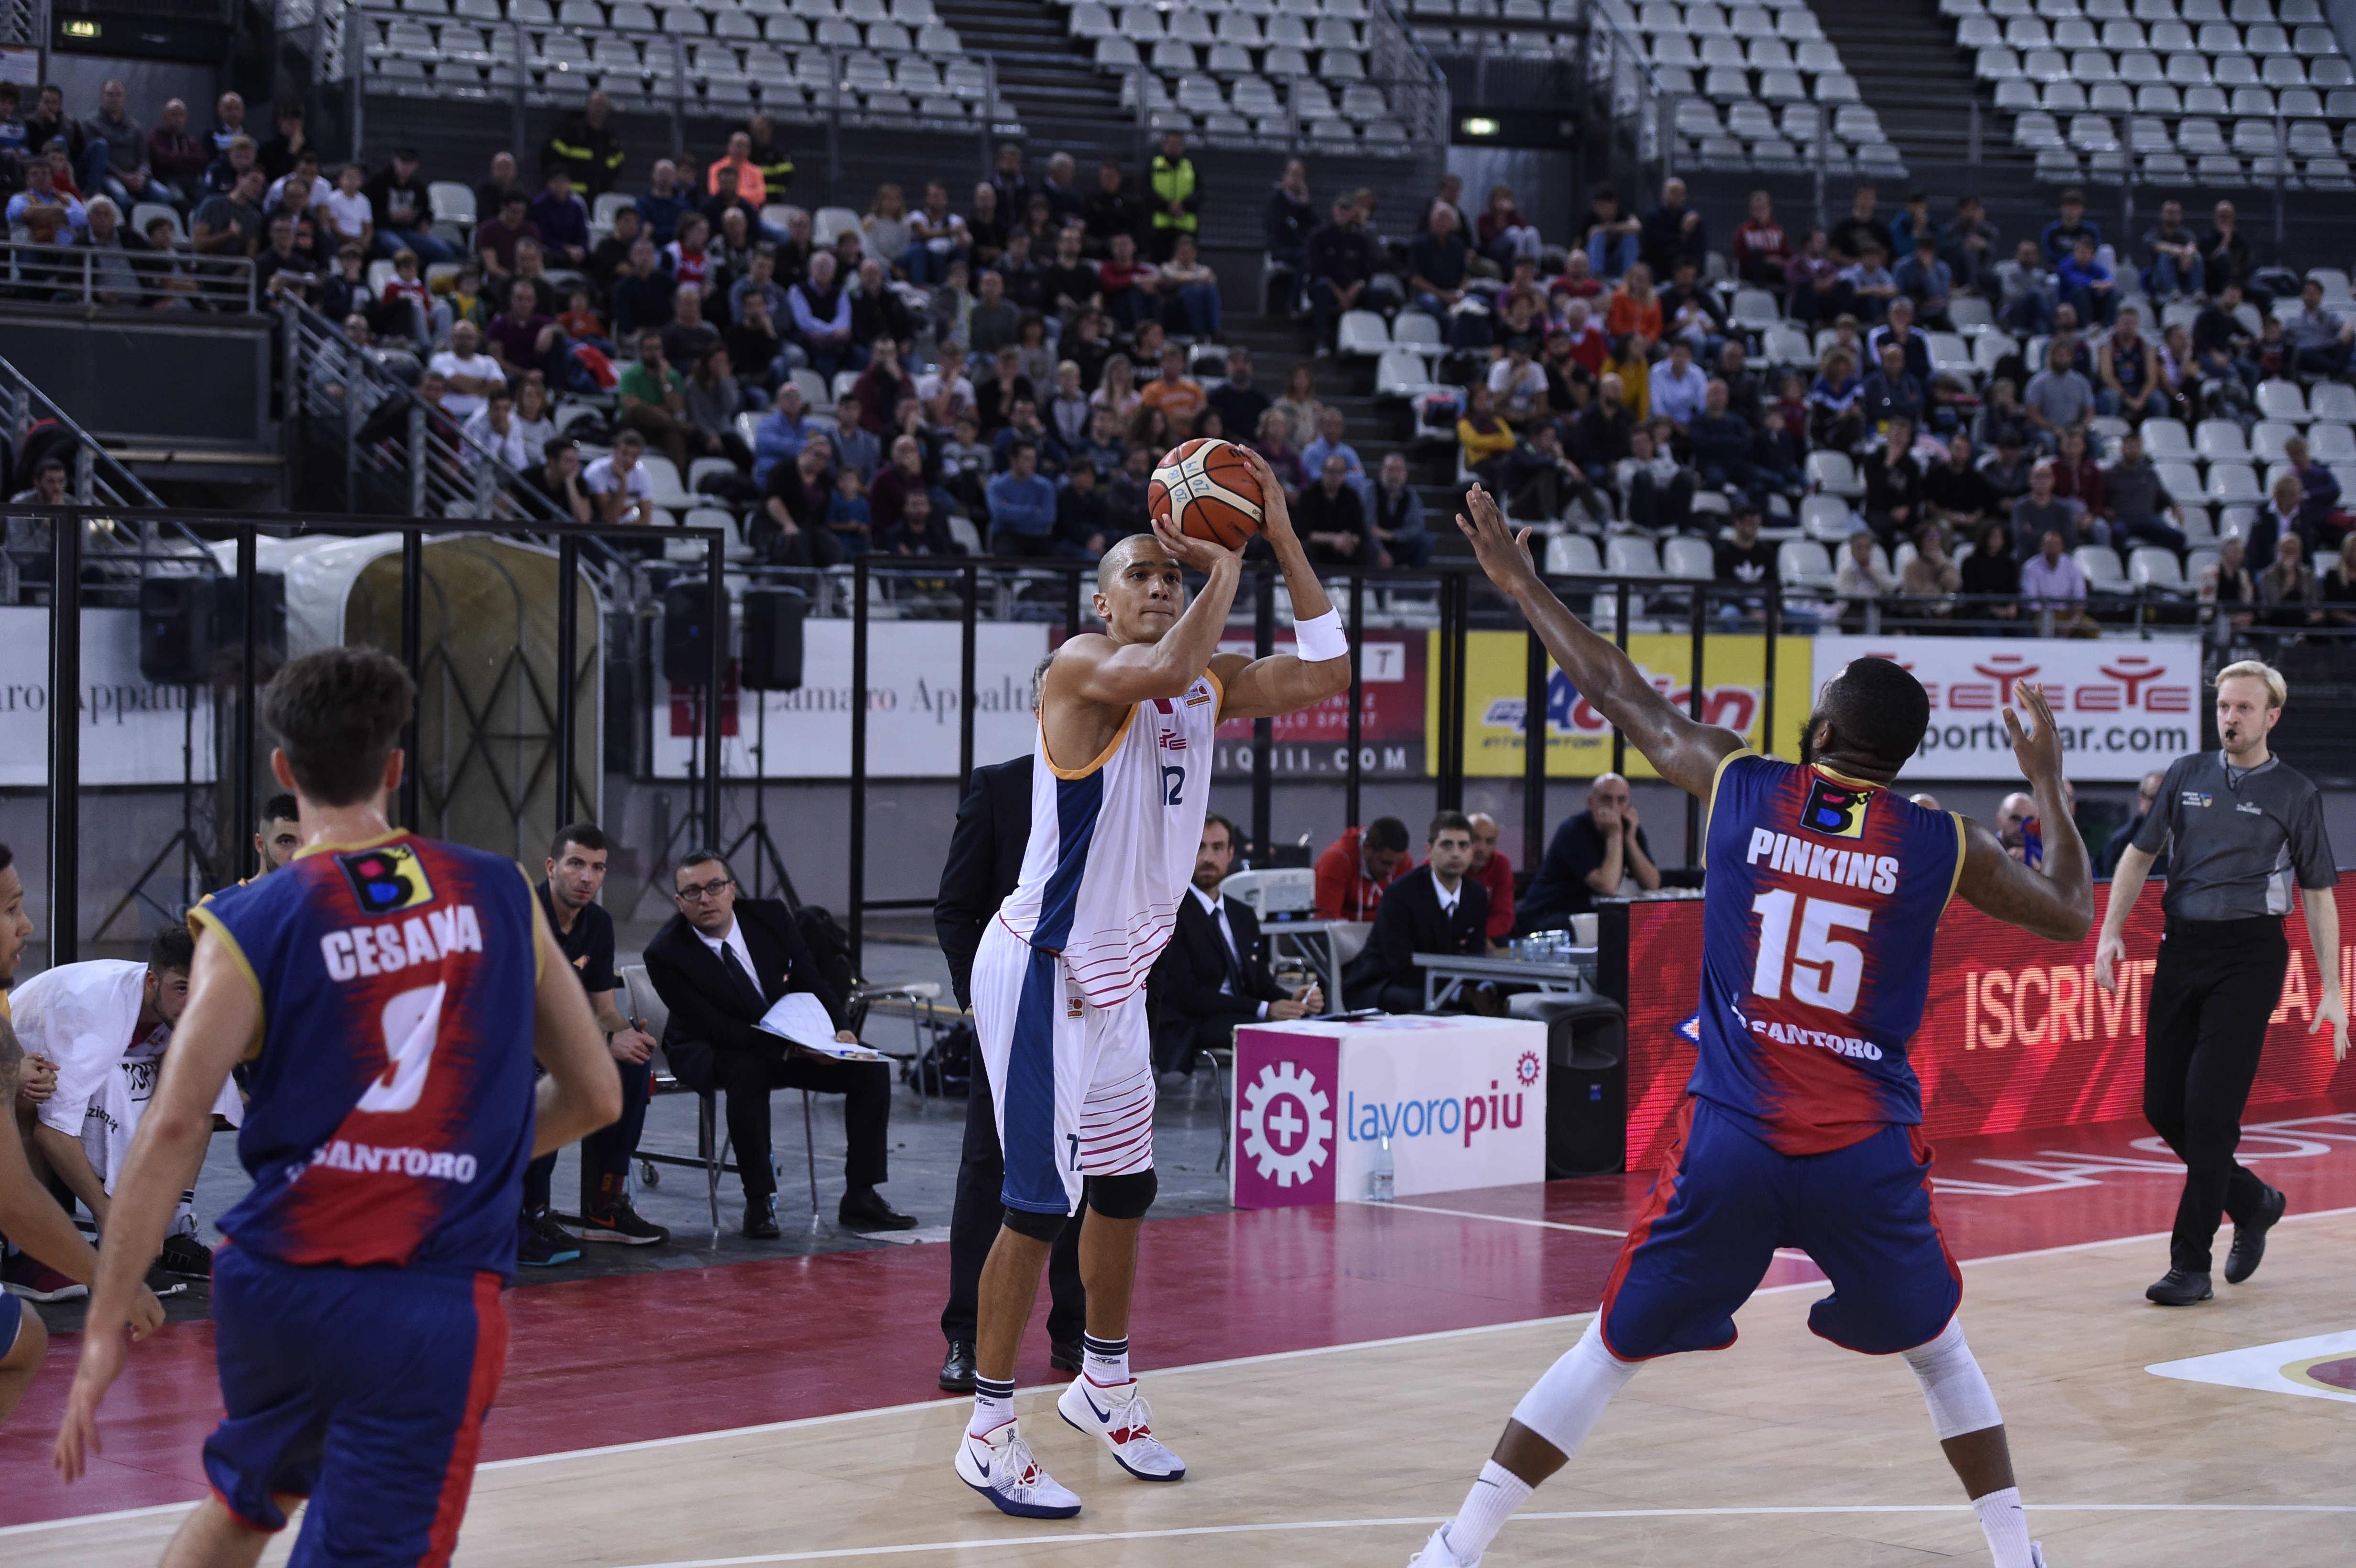 Gemelli in argento e smalto con motivo sportivo a tema pallacanestro